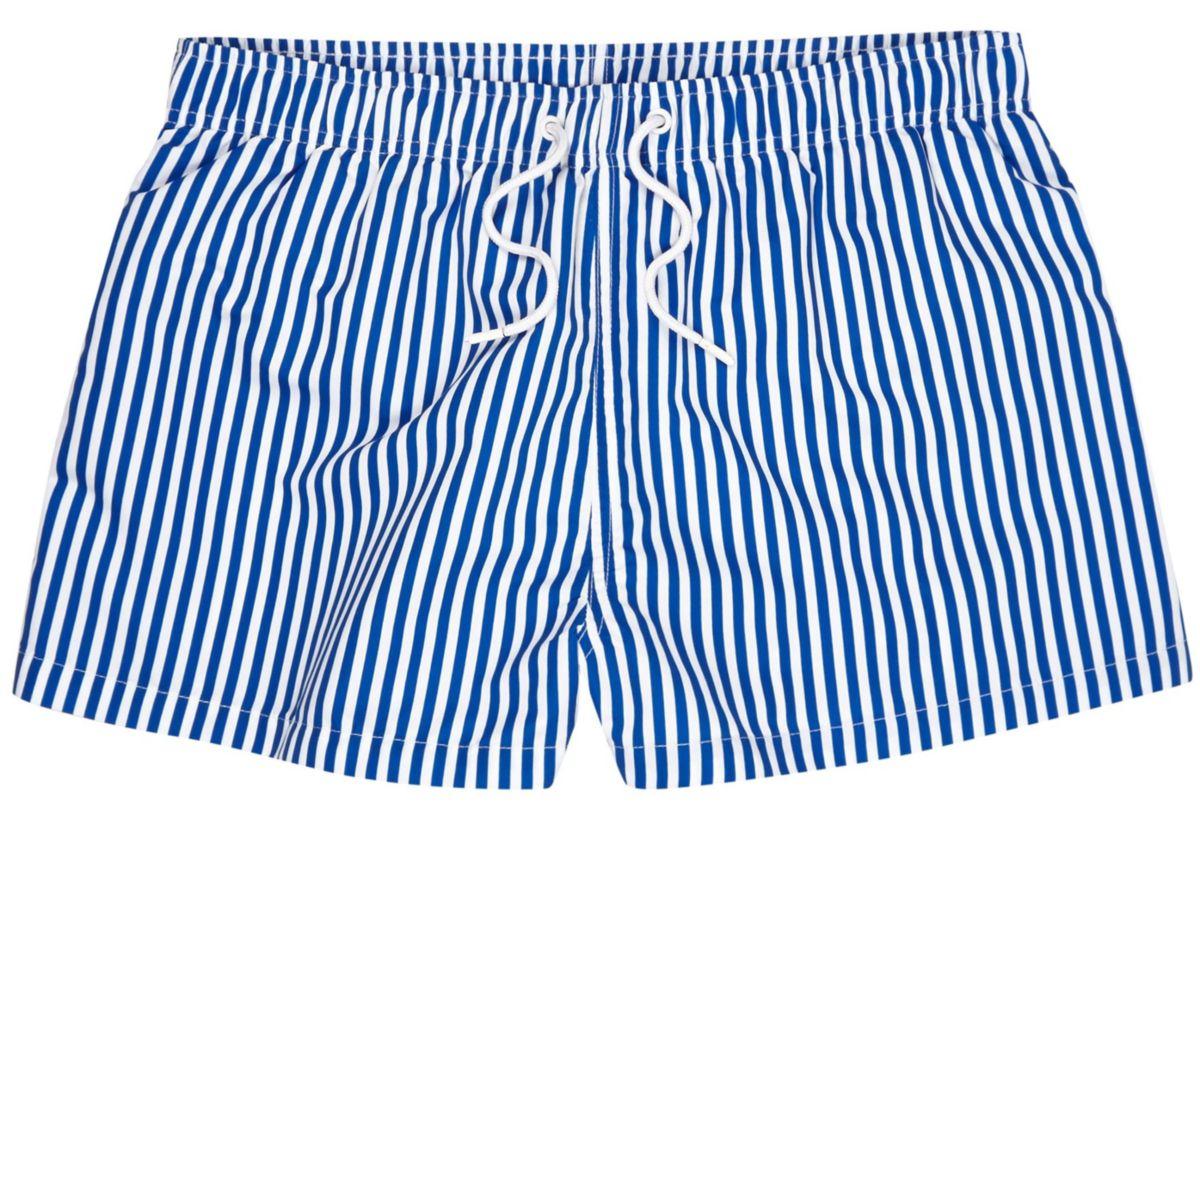 Navy stripe swim trunks